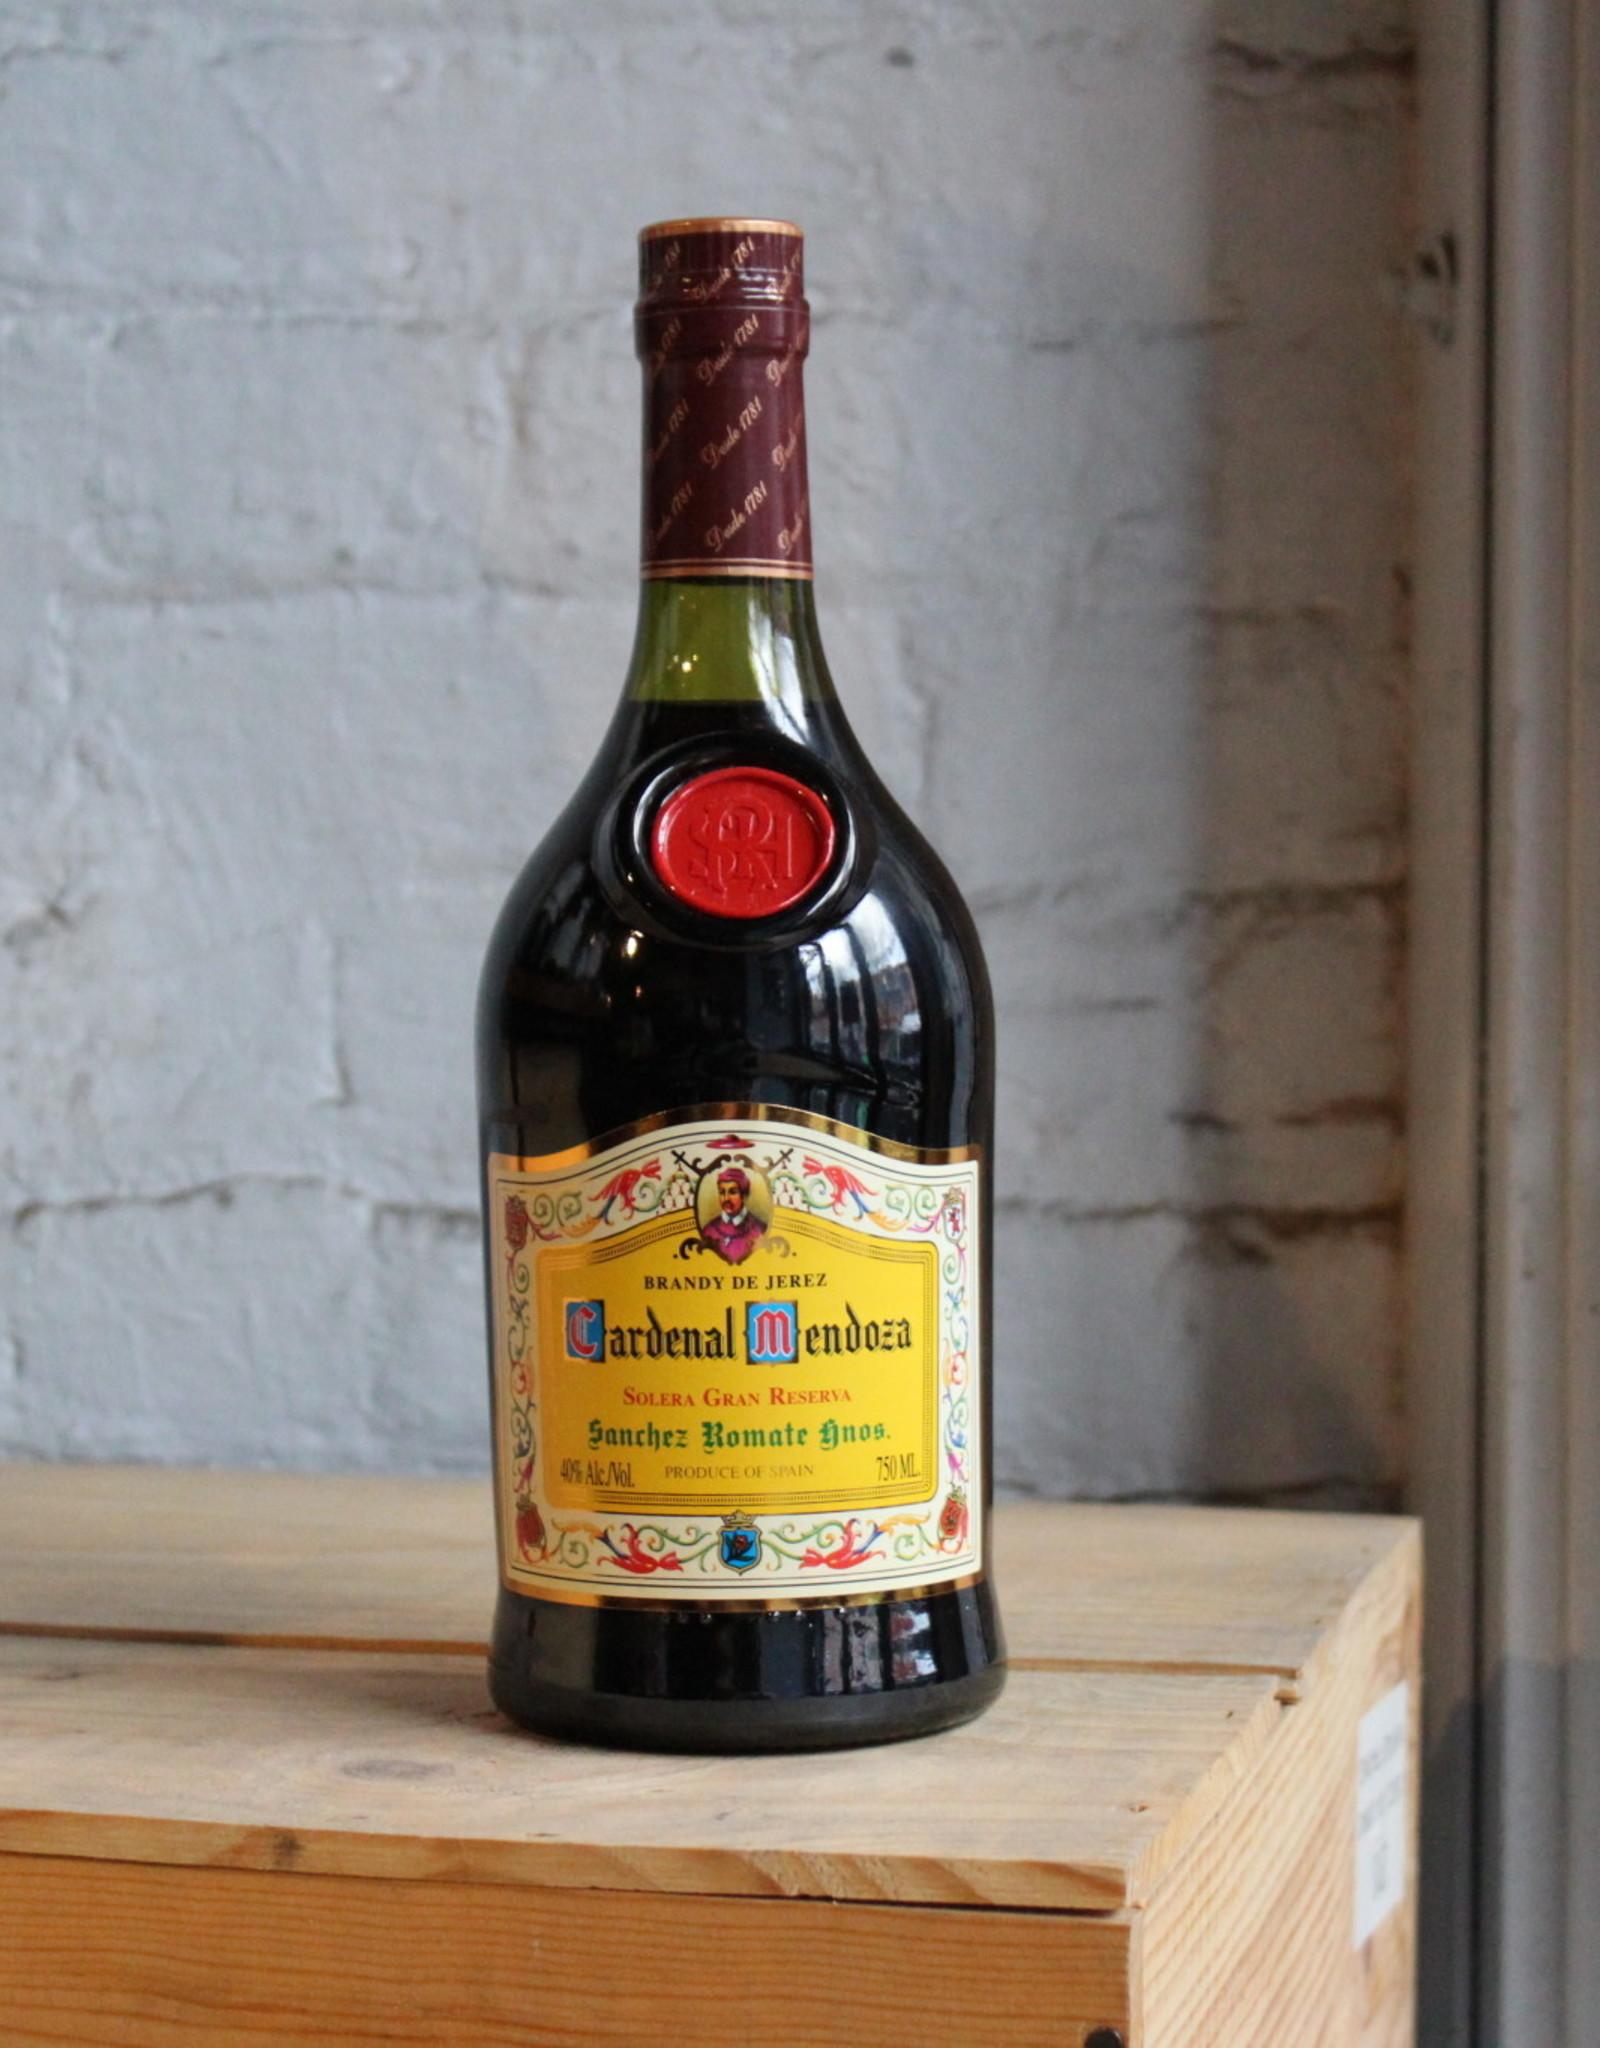 Cardenal Mendoza Solera Grand Reserva Brandy - Jerez, Spain (750ml)